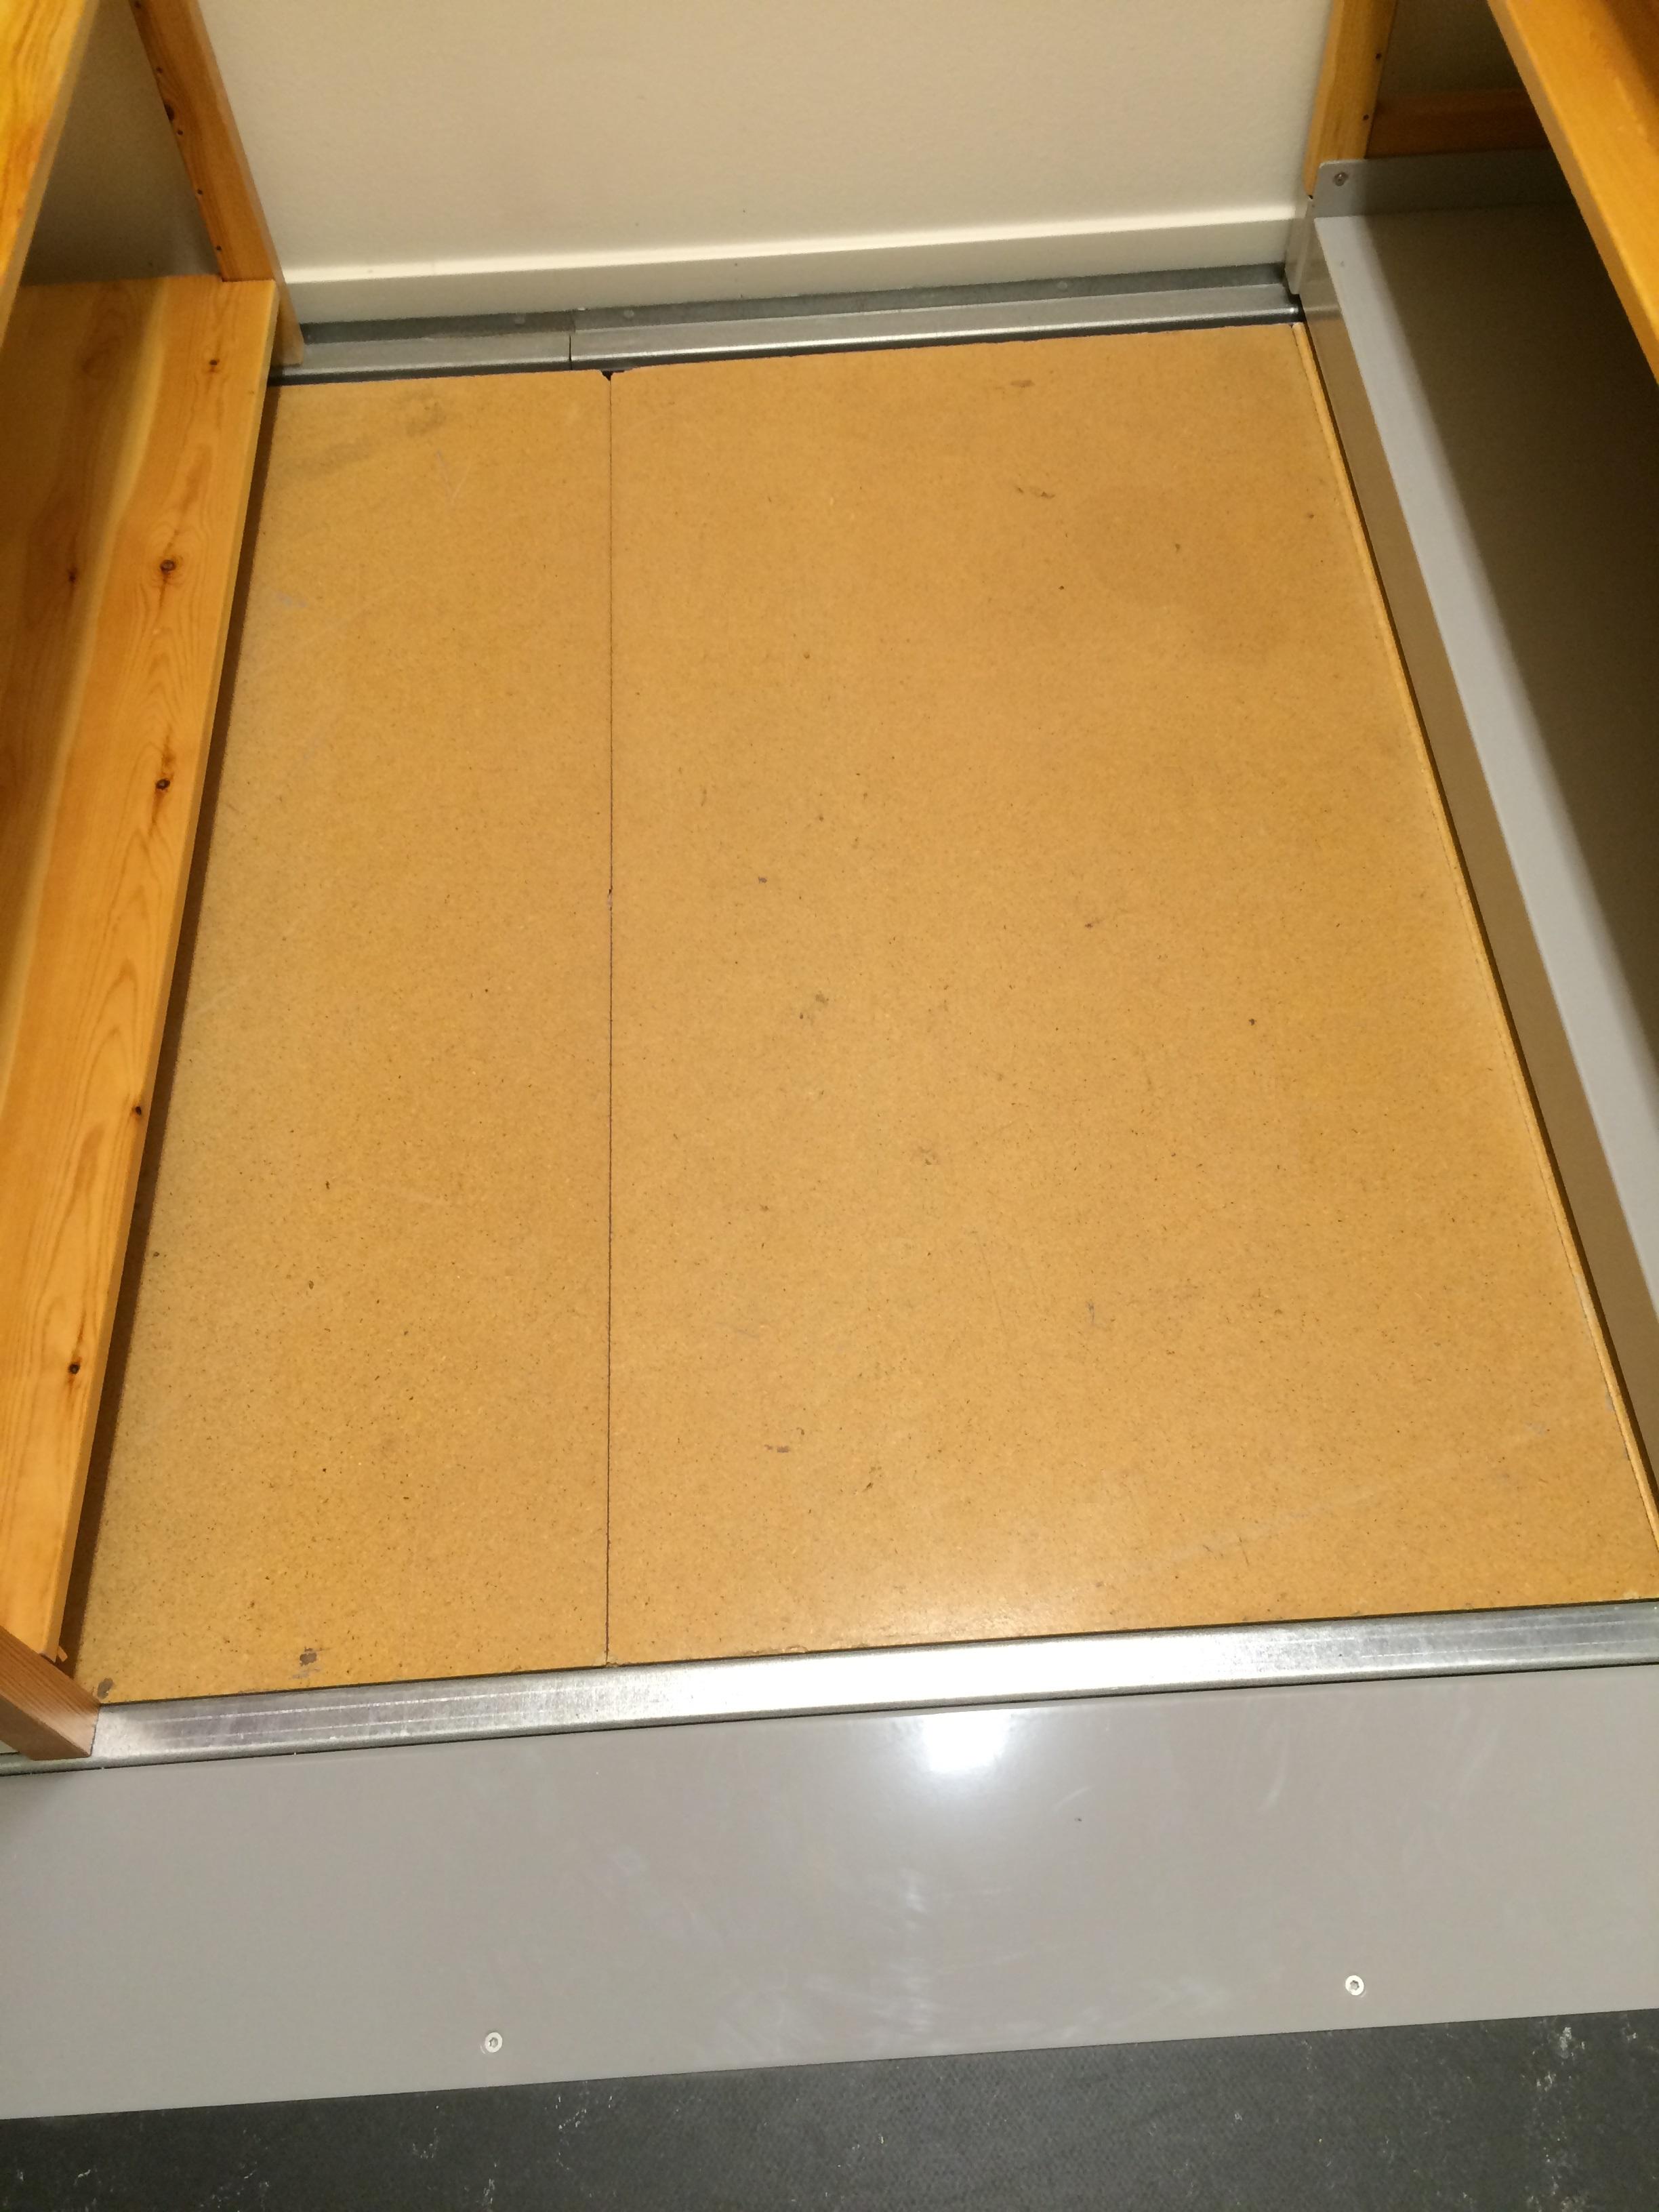 ramp-rals-golv-fyllnadsgolv-kompaktarkiv